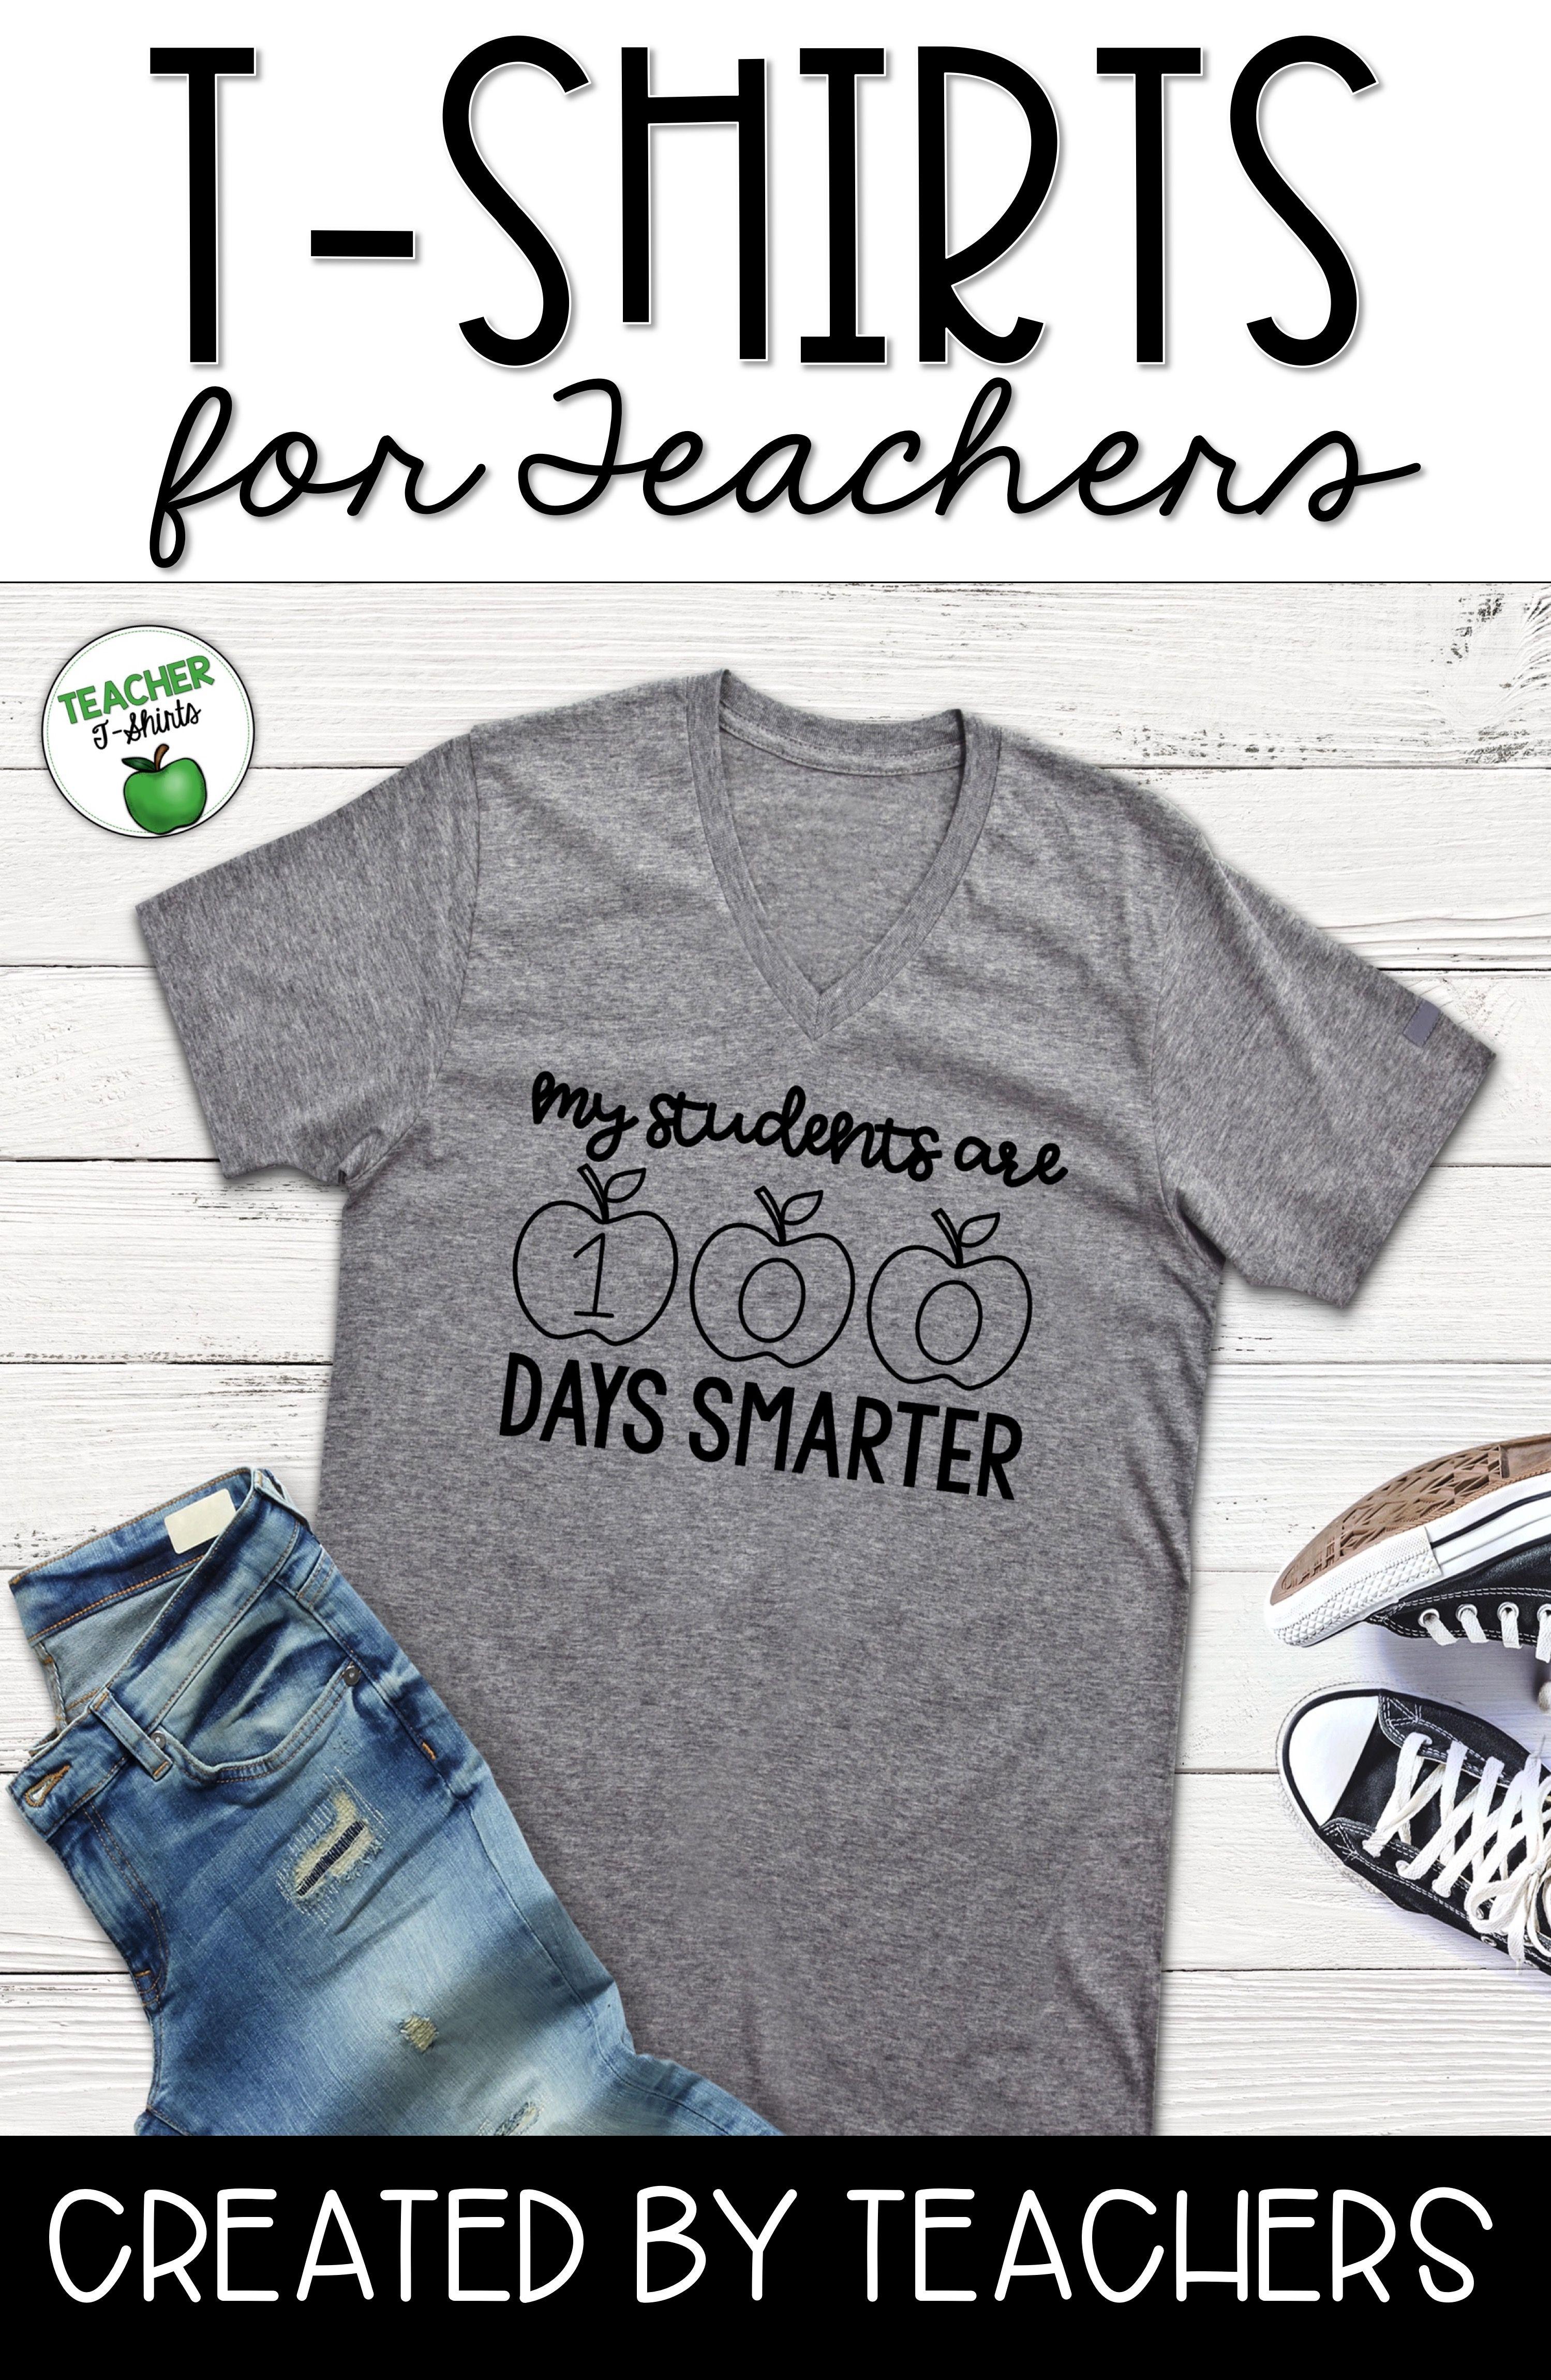 aa98e5cab Funny Tee Shirts For Teachers - DREAMWORKS